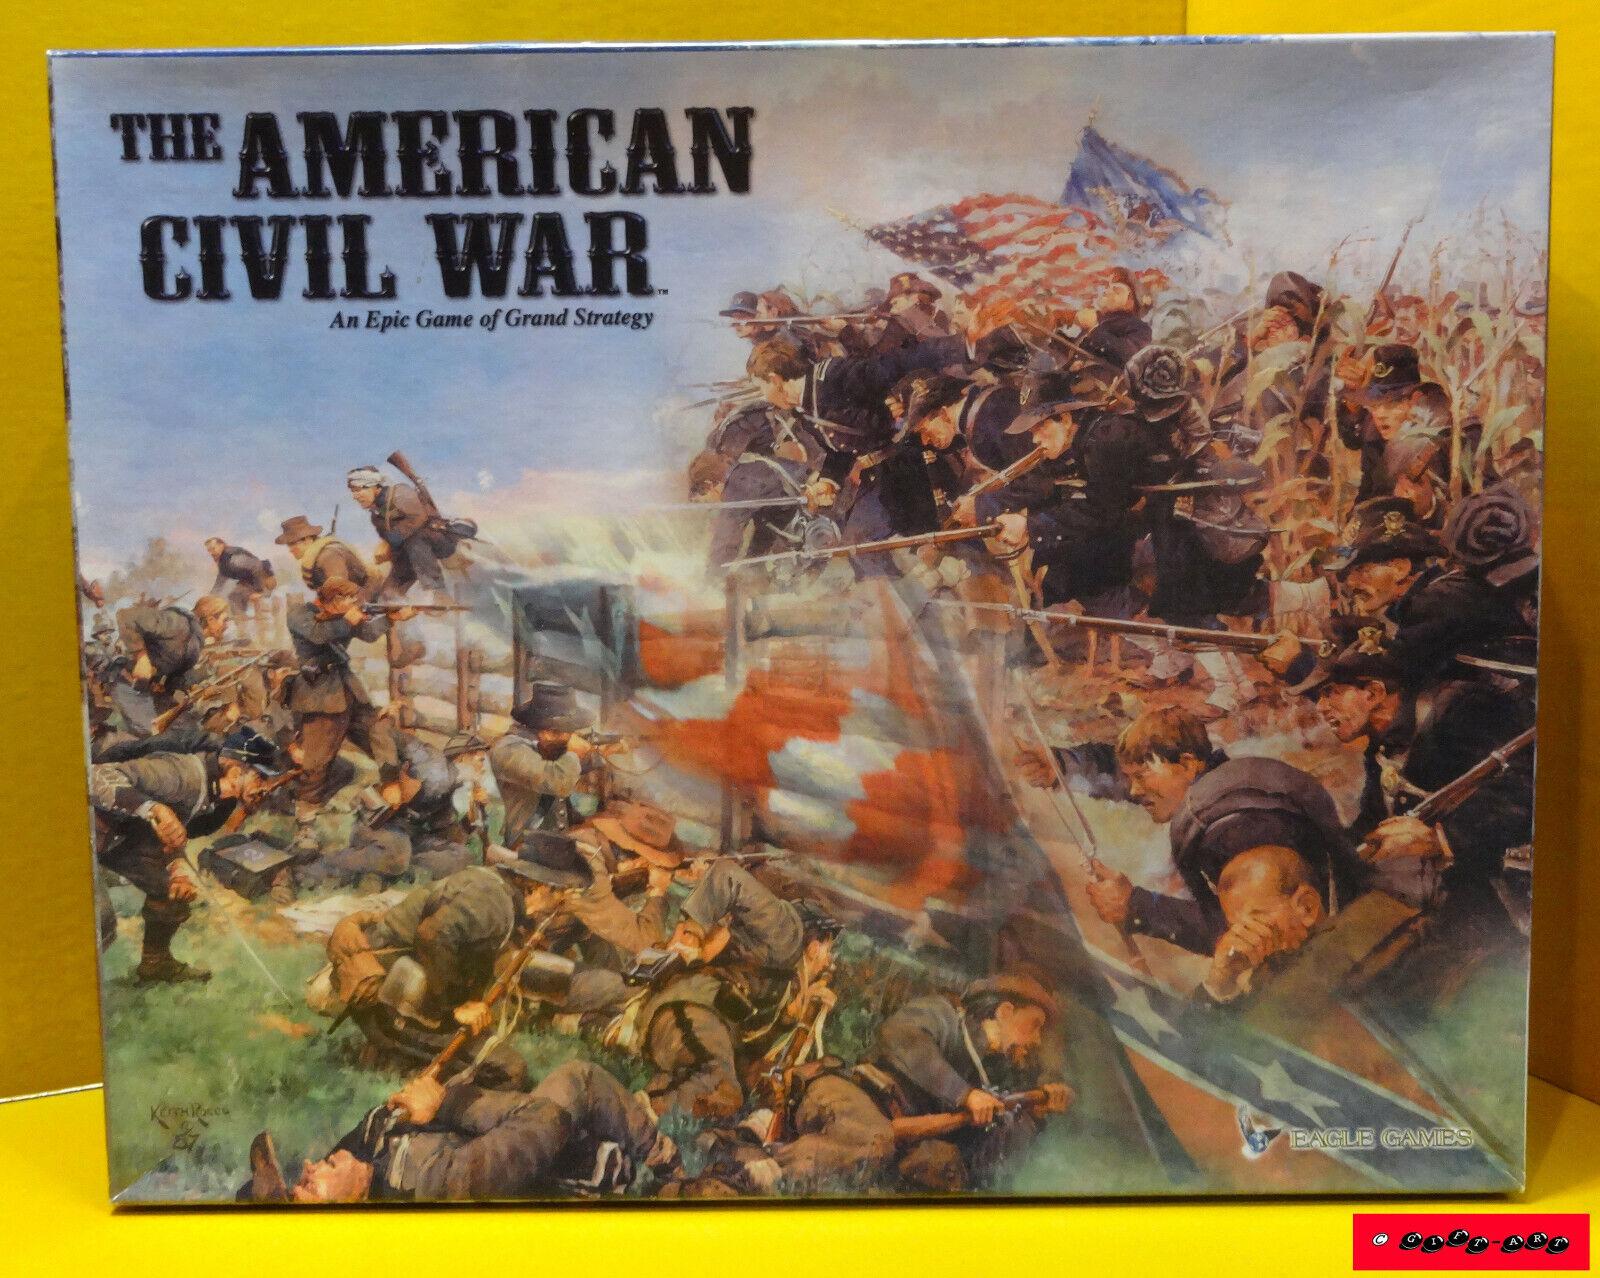 Prezzo al piano The American Civil War-Eagle giocos-Mattoncini, giocos-Mattoncini, giocos-Mattoncini, completamente & ottime condizioni  molte concessioni